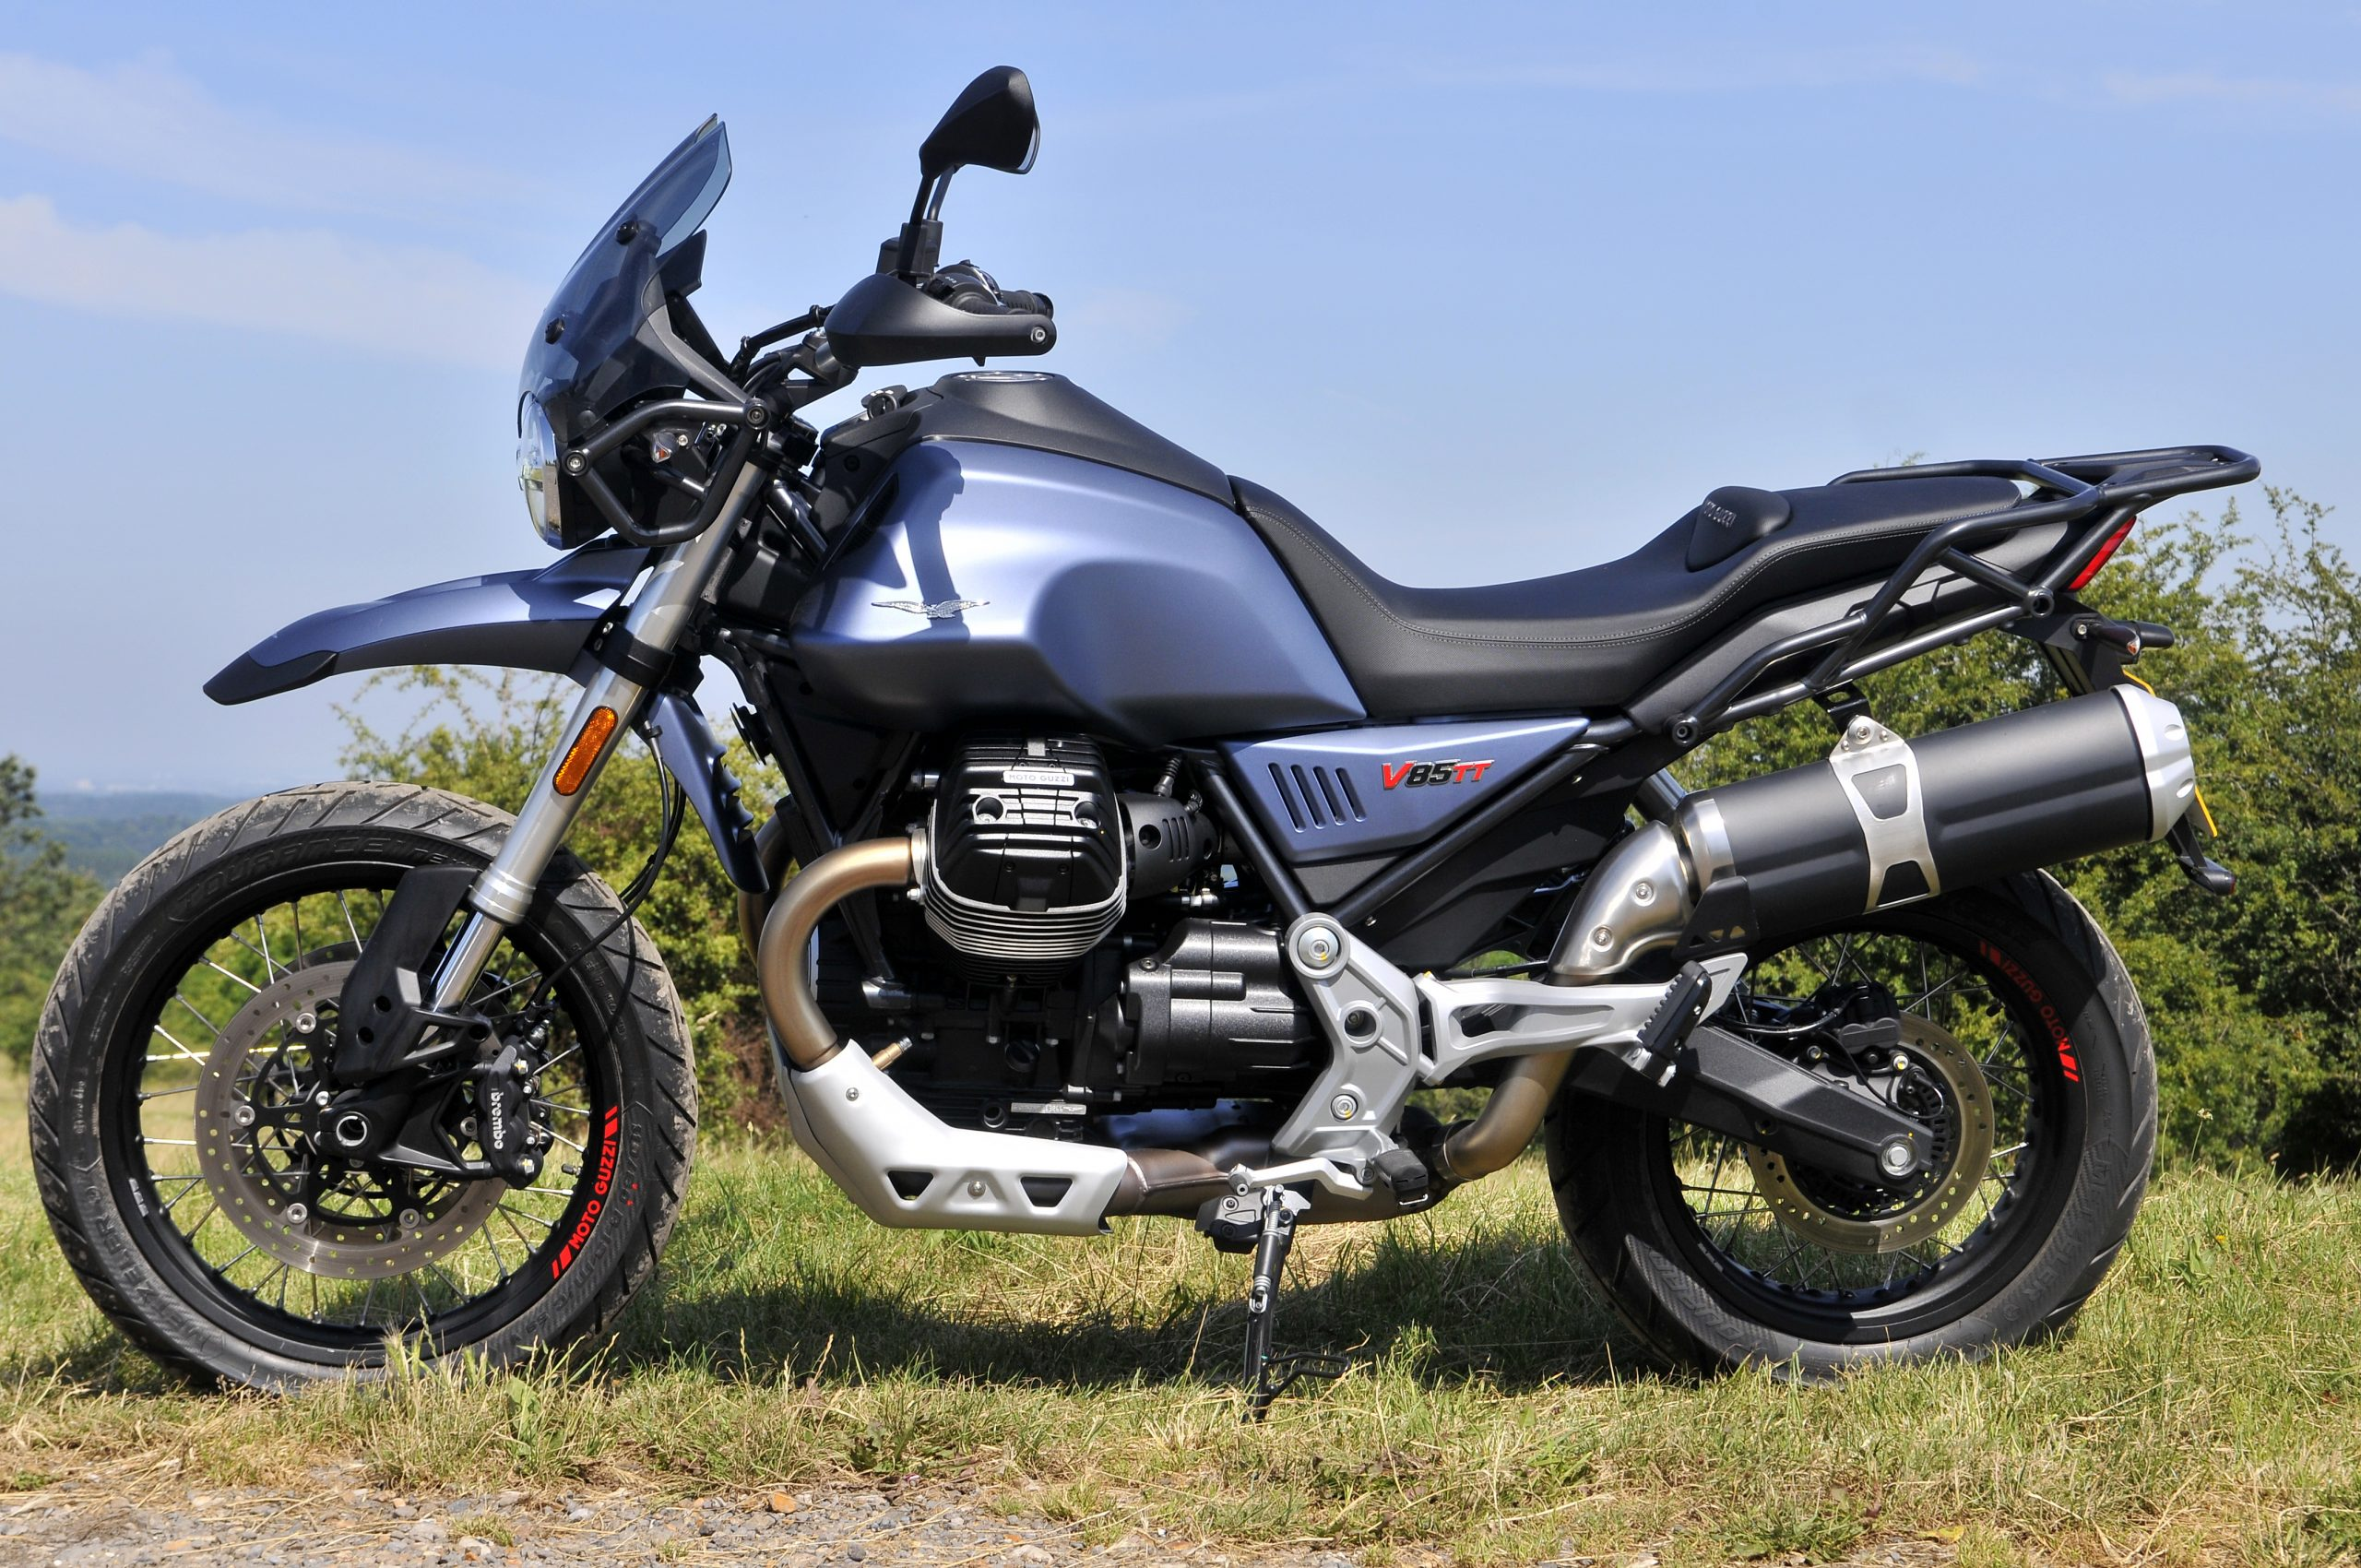 2019 Moto Guzzi V85 TT